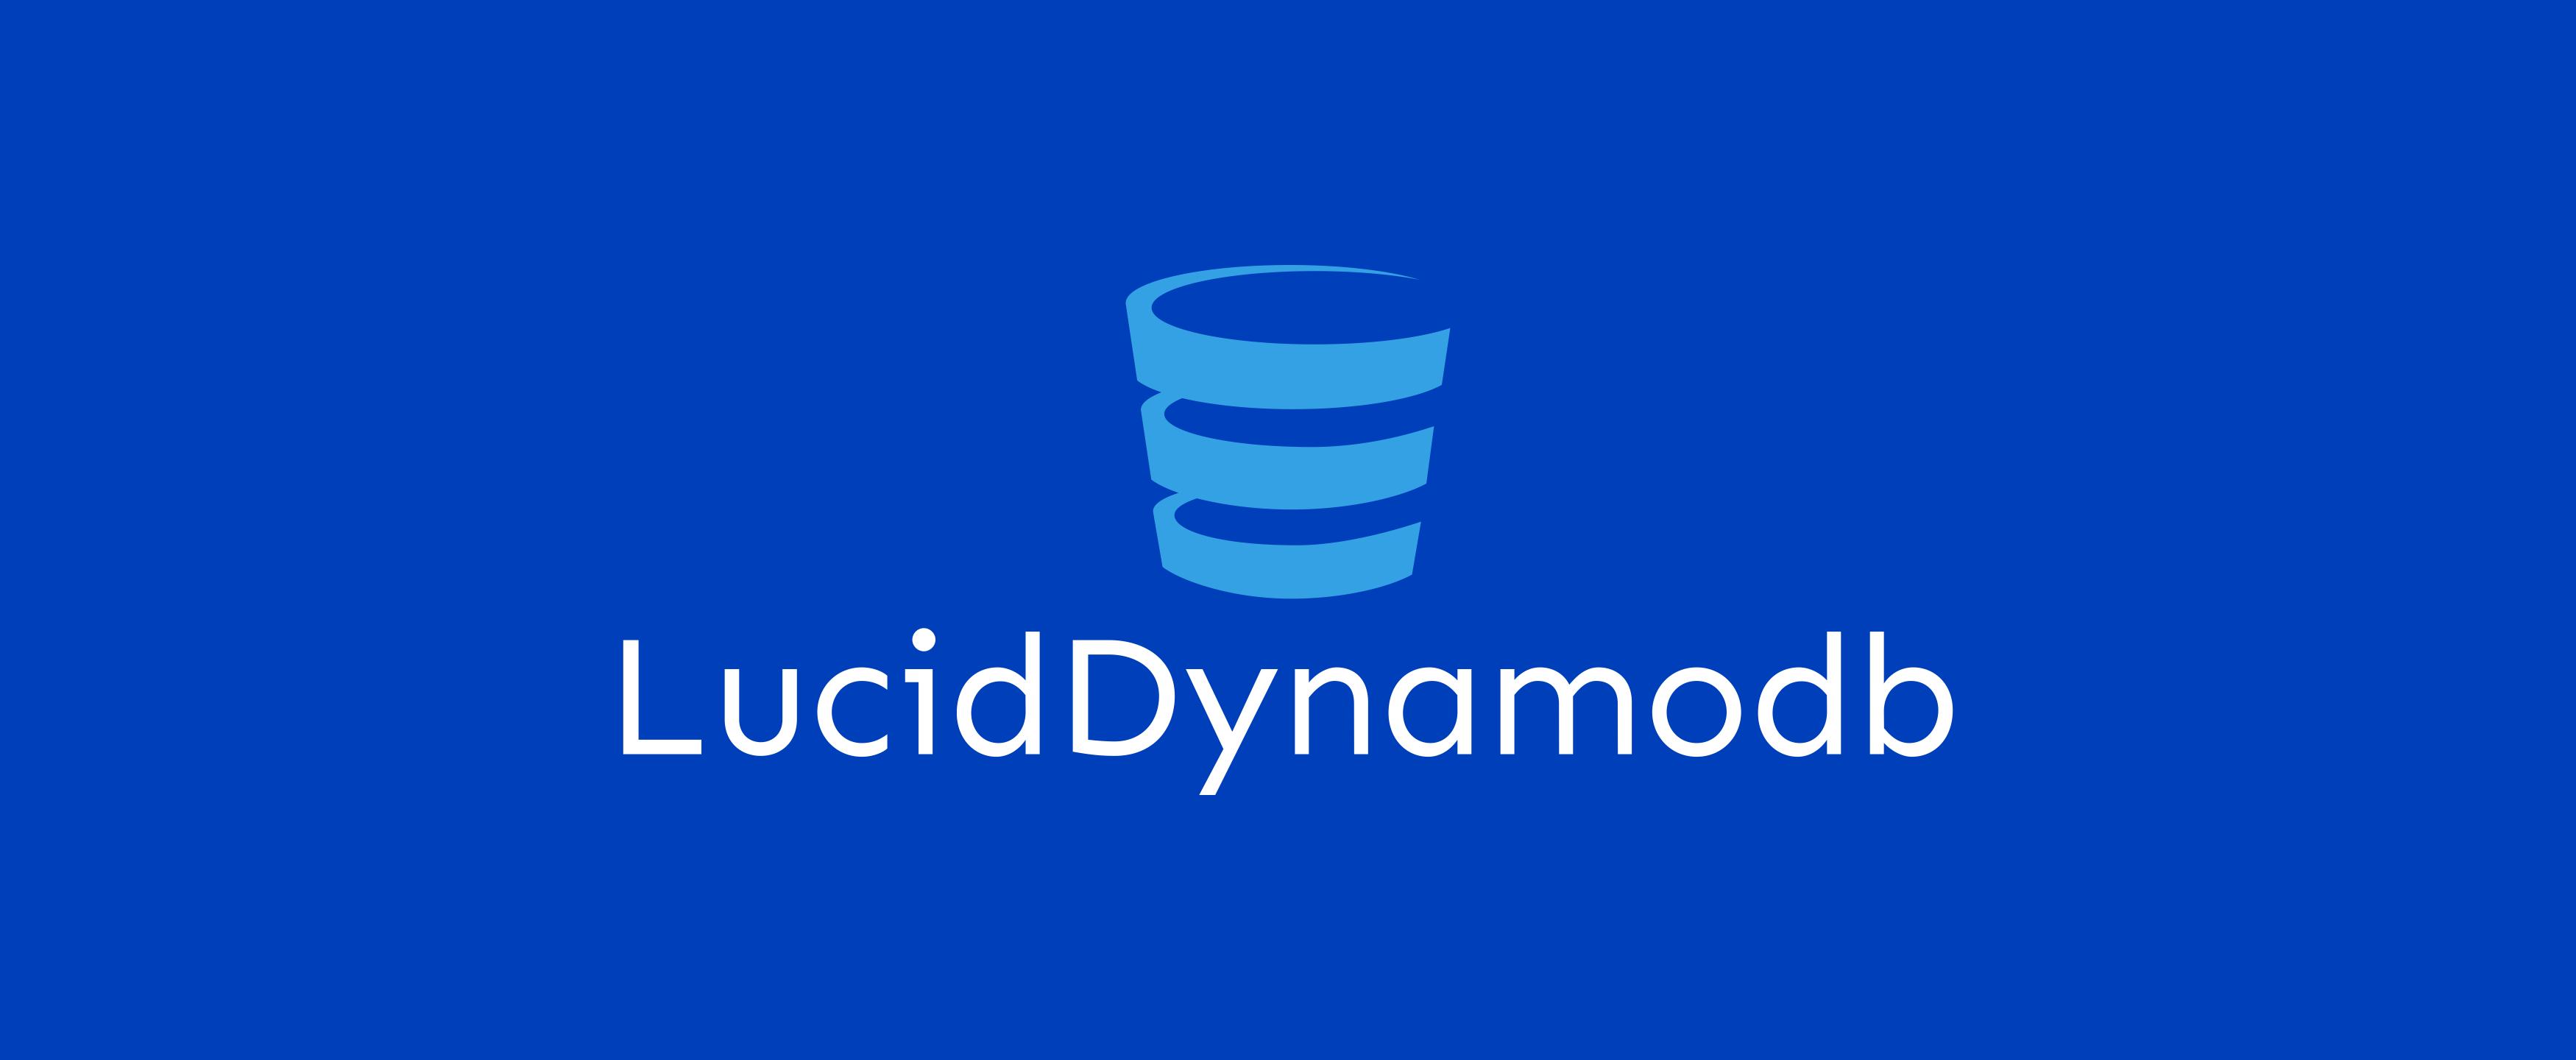 LucidDynamodb